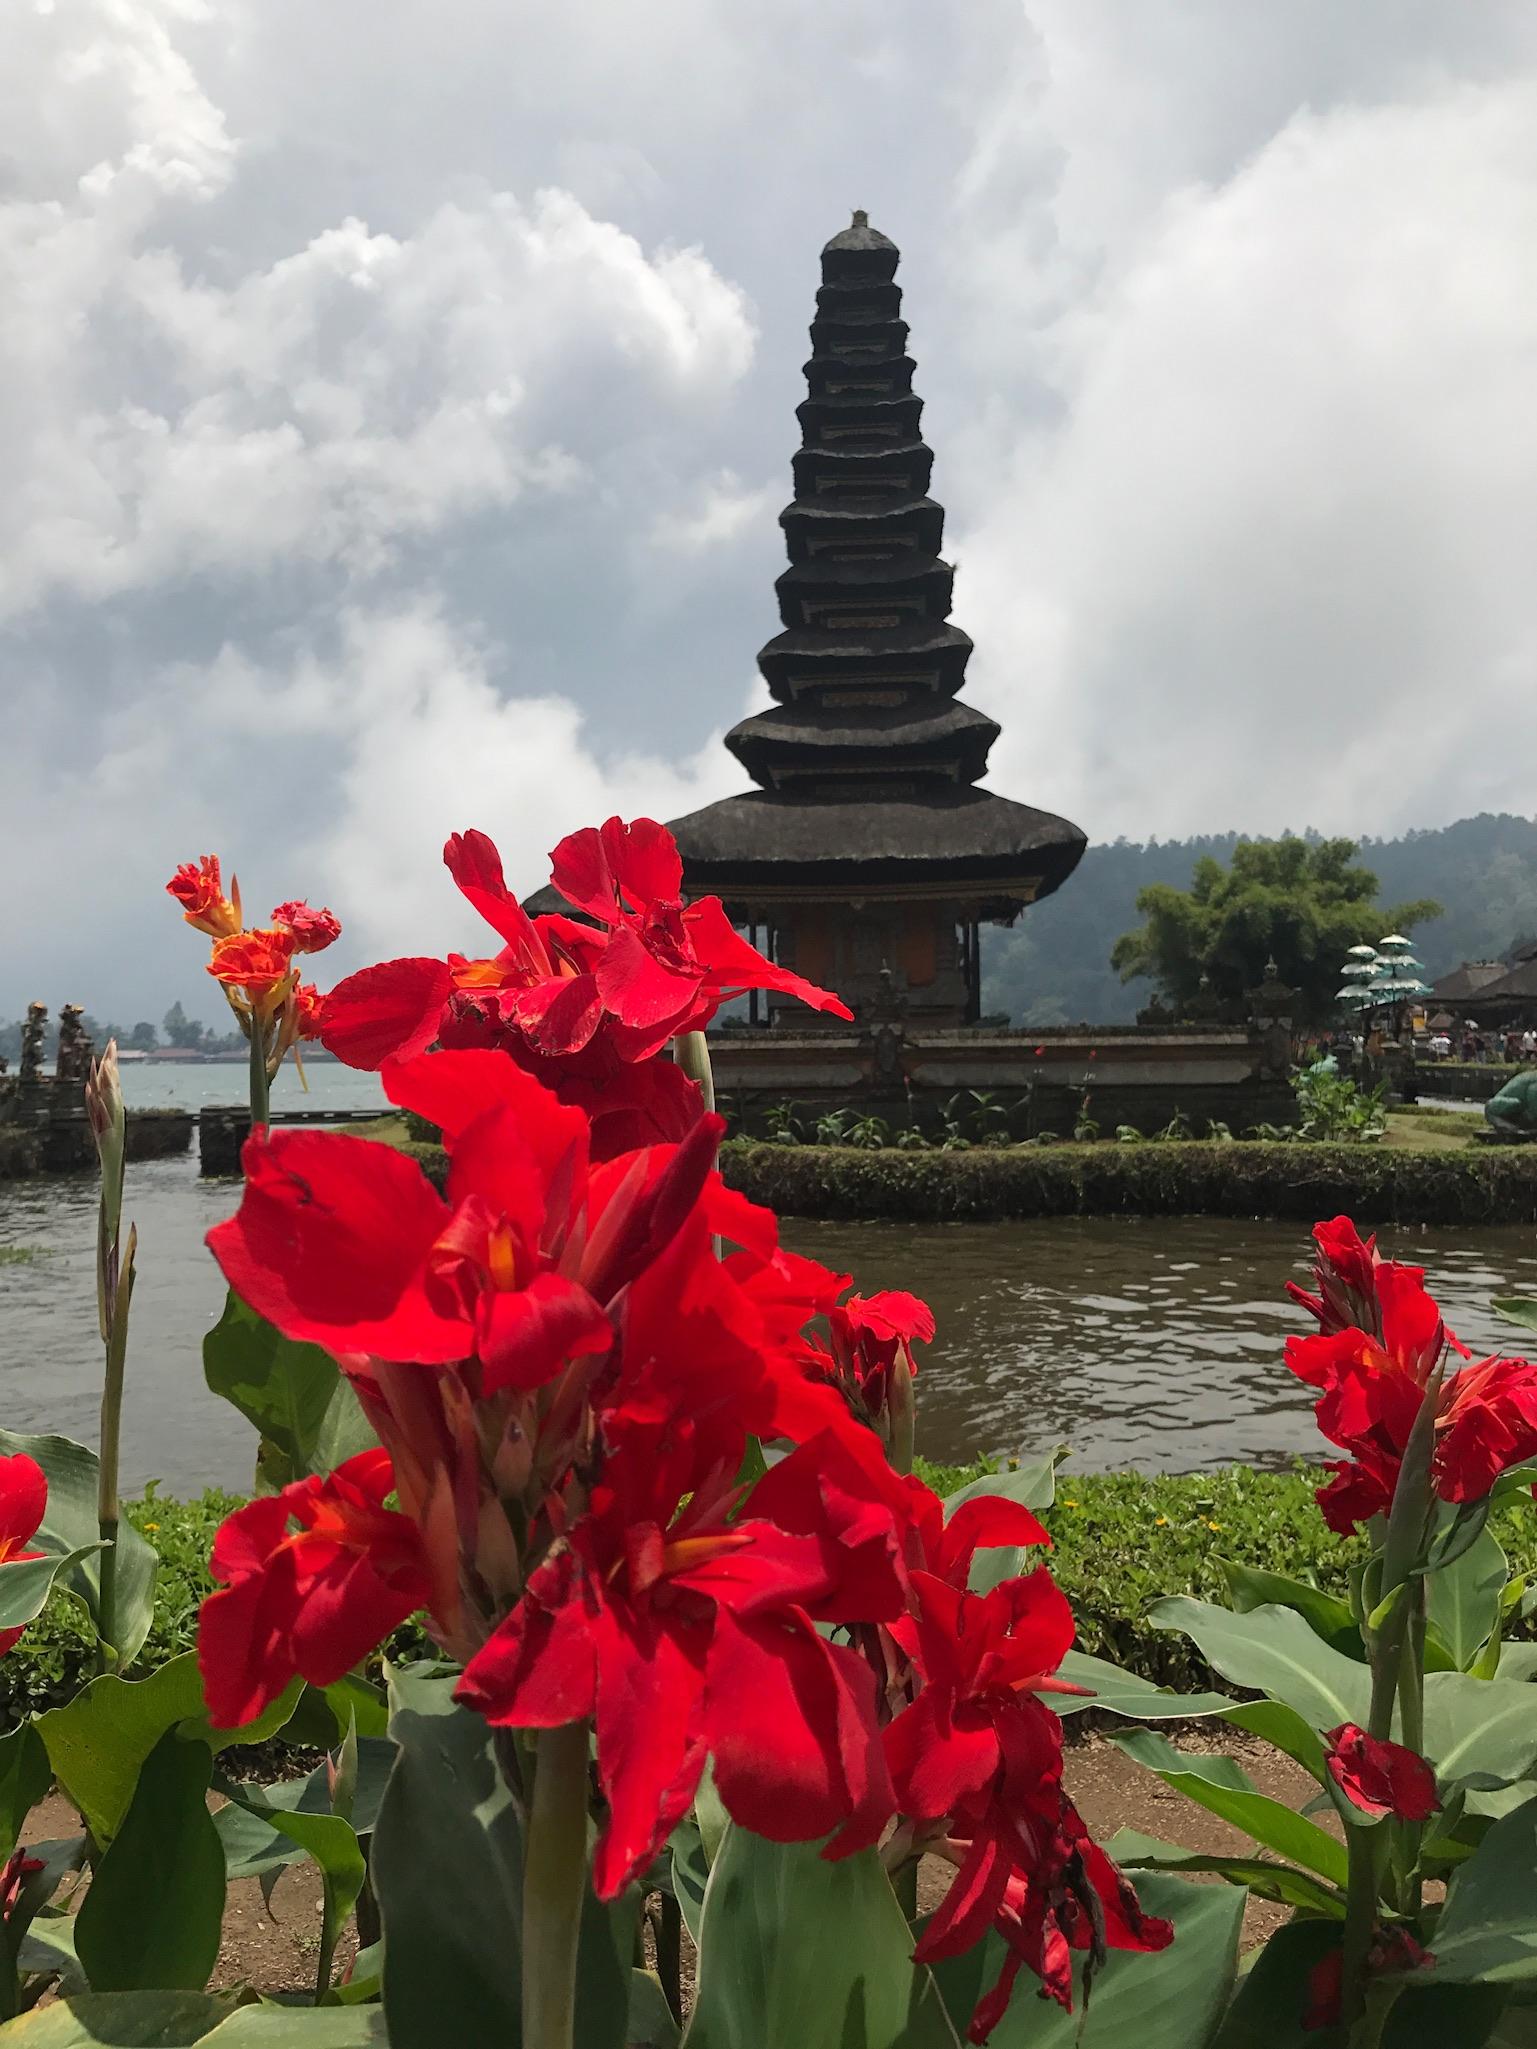 The  Ulun Danu Bratan Temple 'Floating' Temple